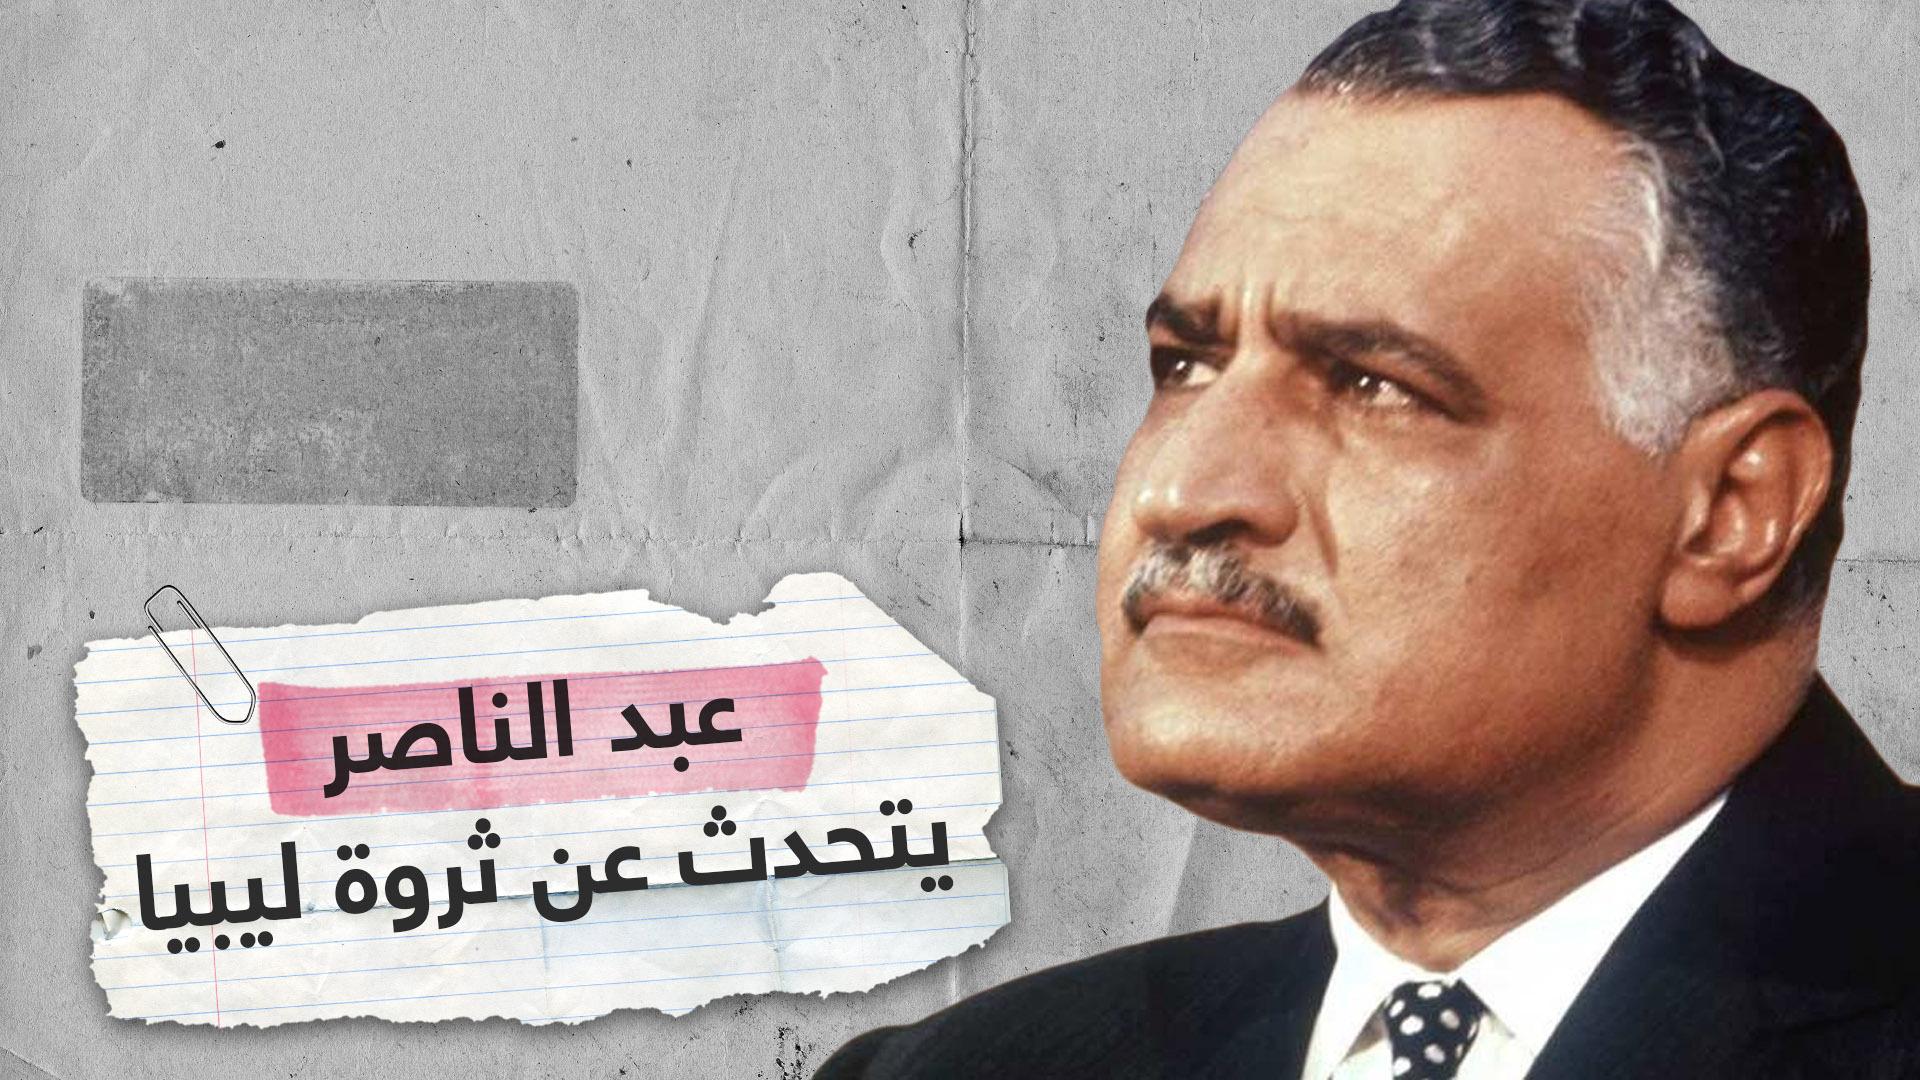 جمال عبد الناصر لليبيين: لا نطمع في ثروتكم وسنقاتل معكم